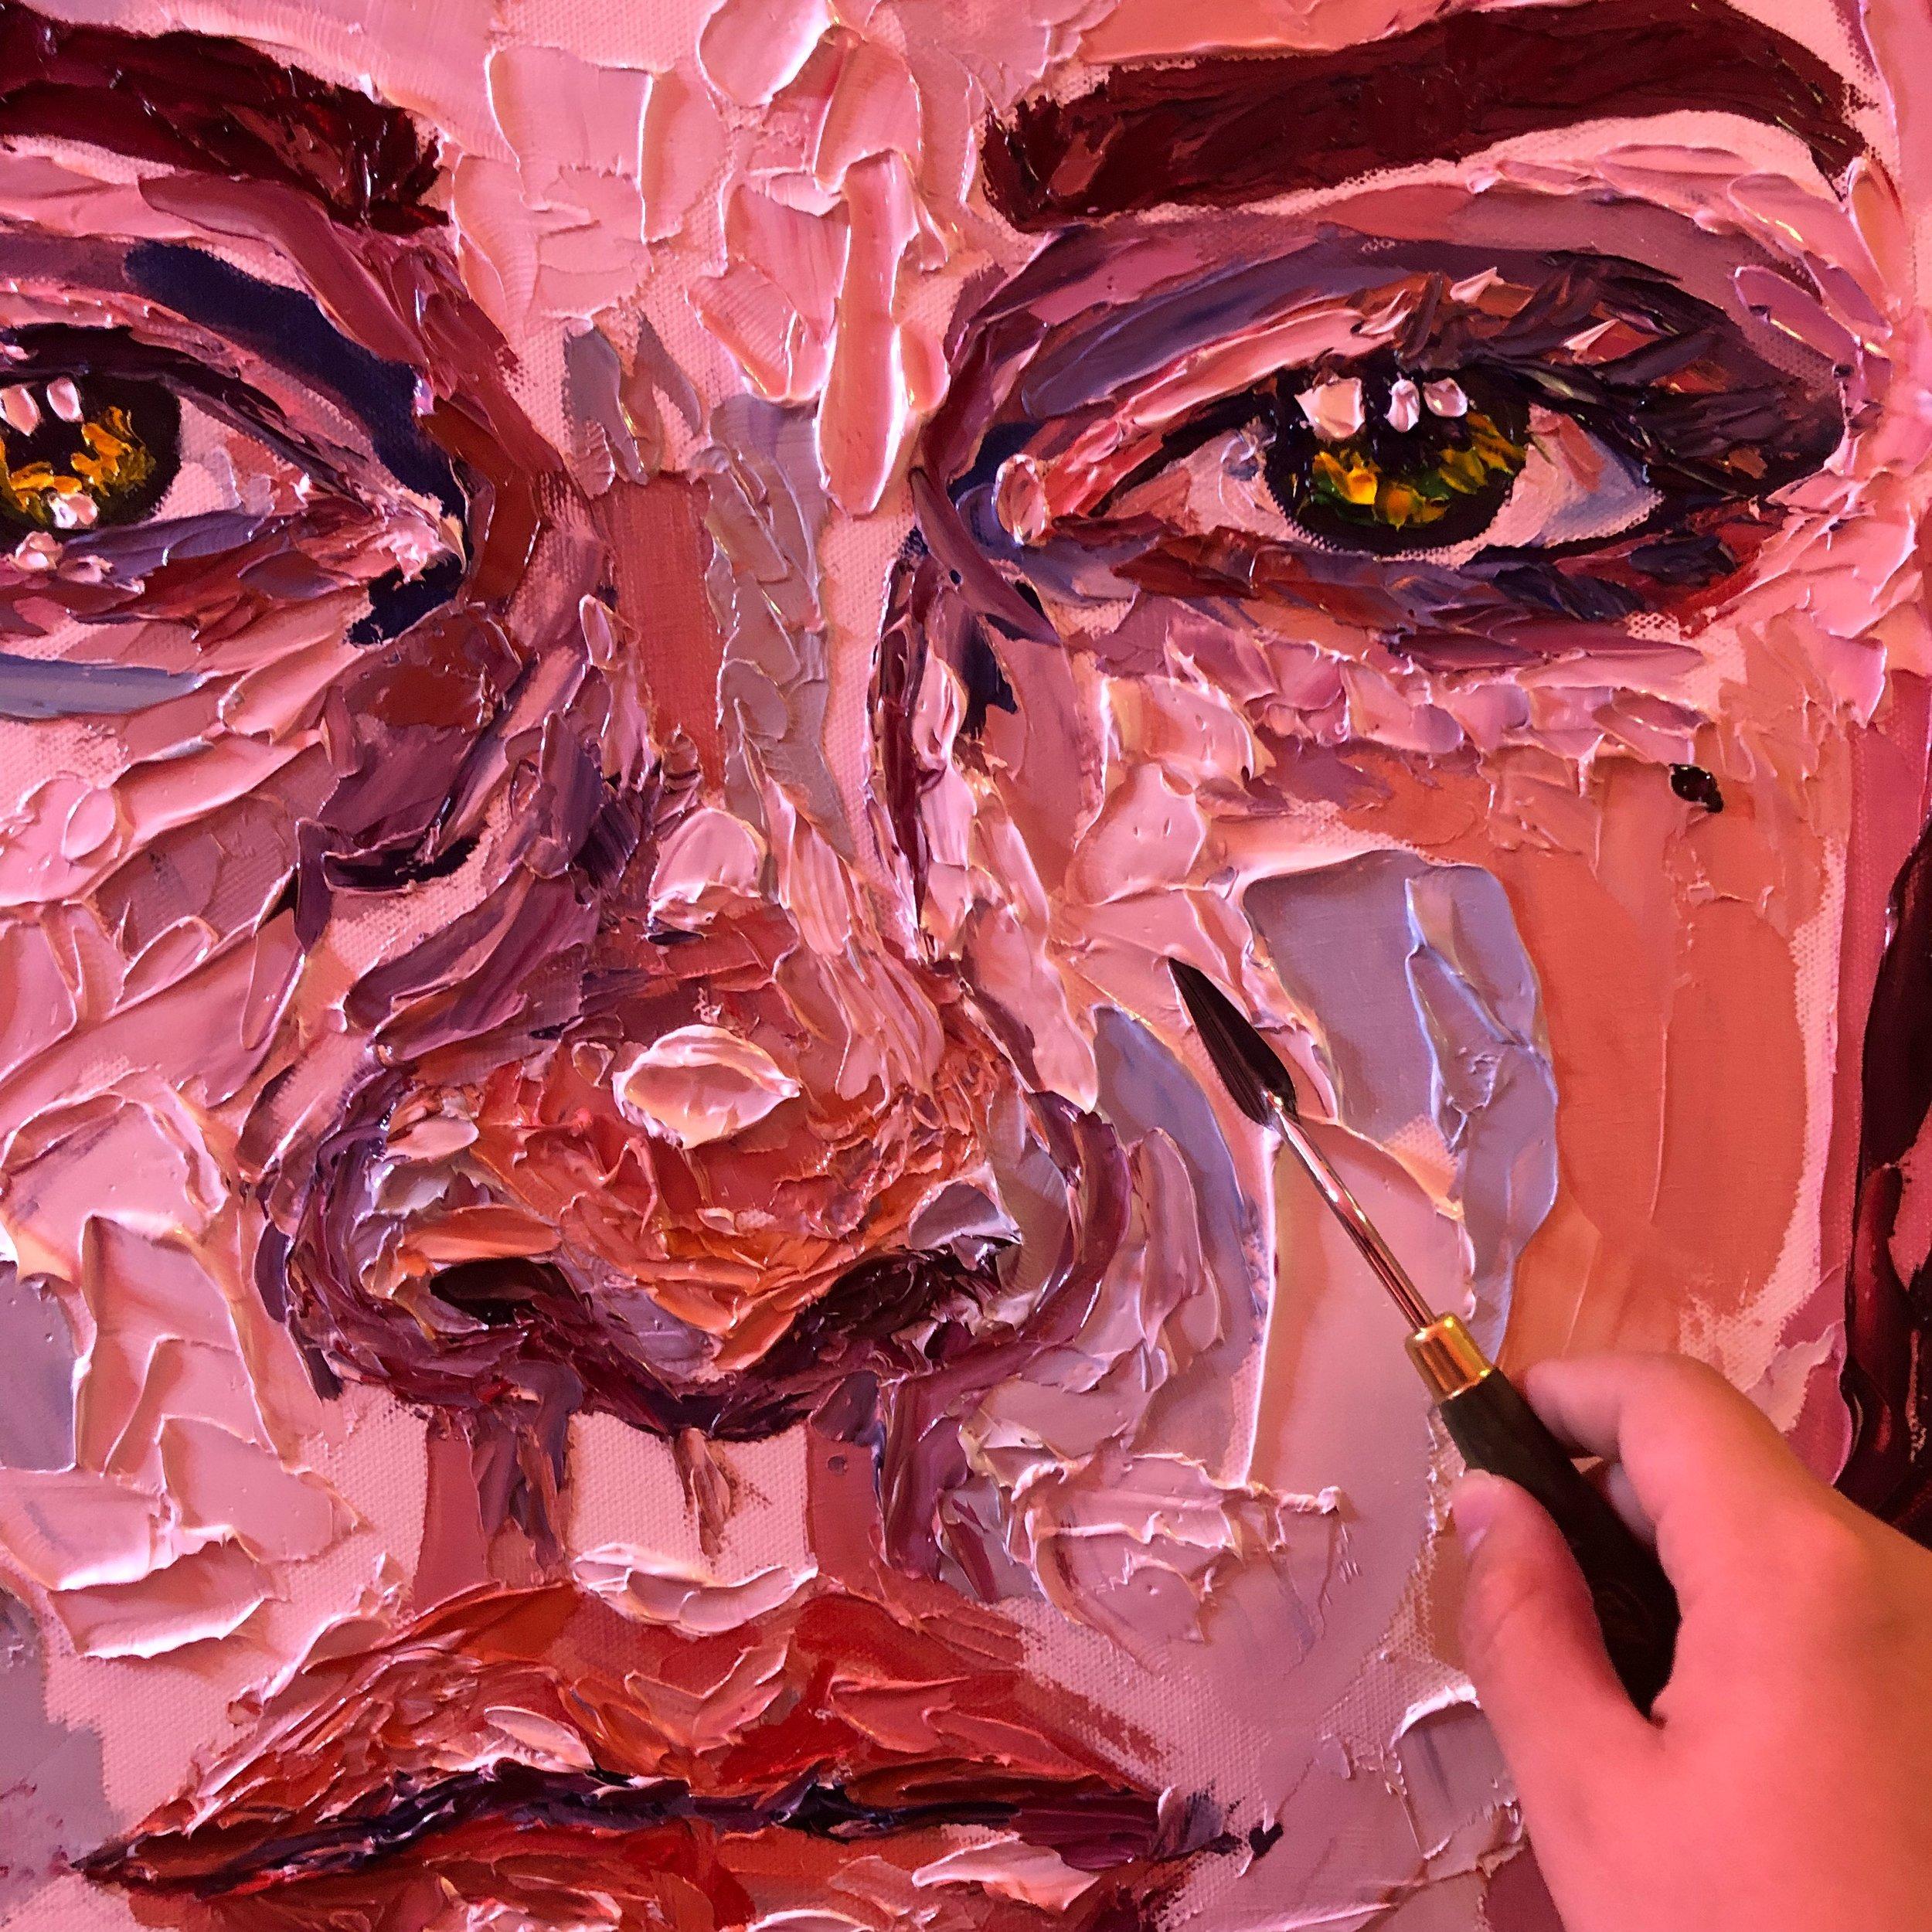 face_timelapse_allison_bouganim_painting.JPG